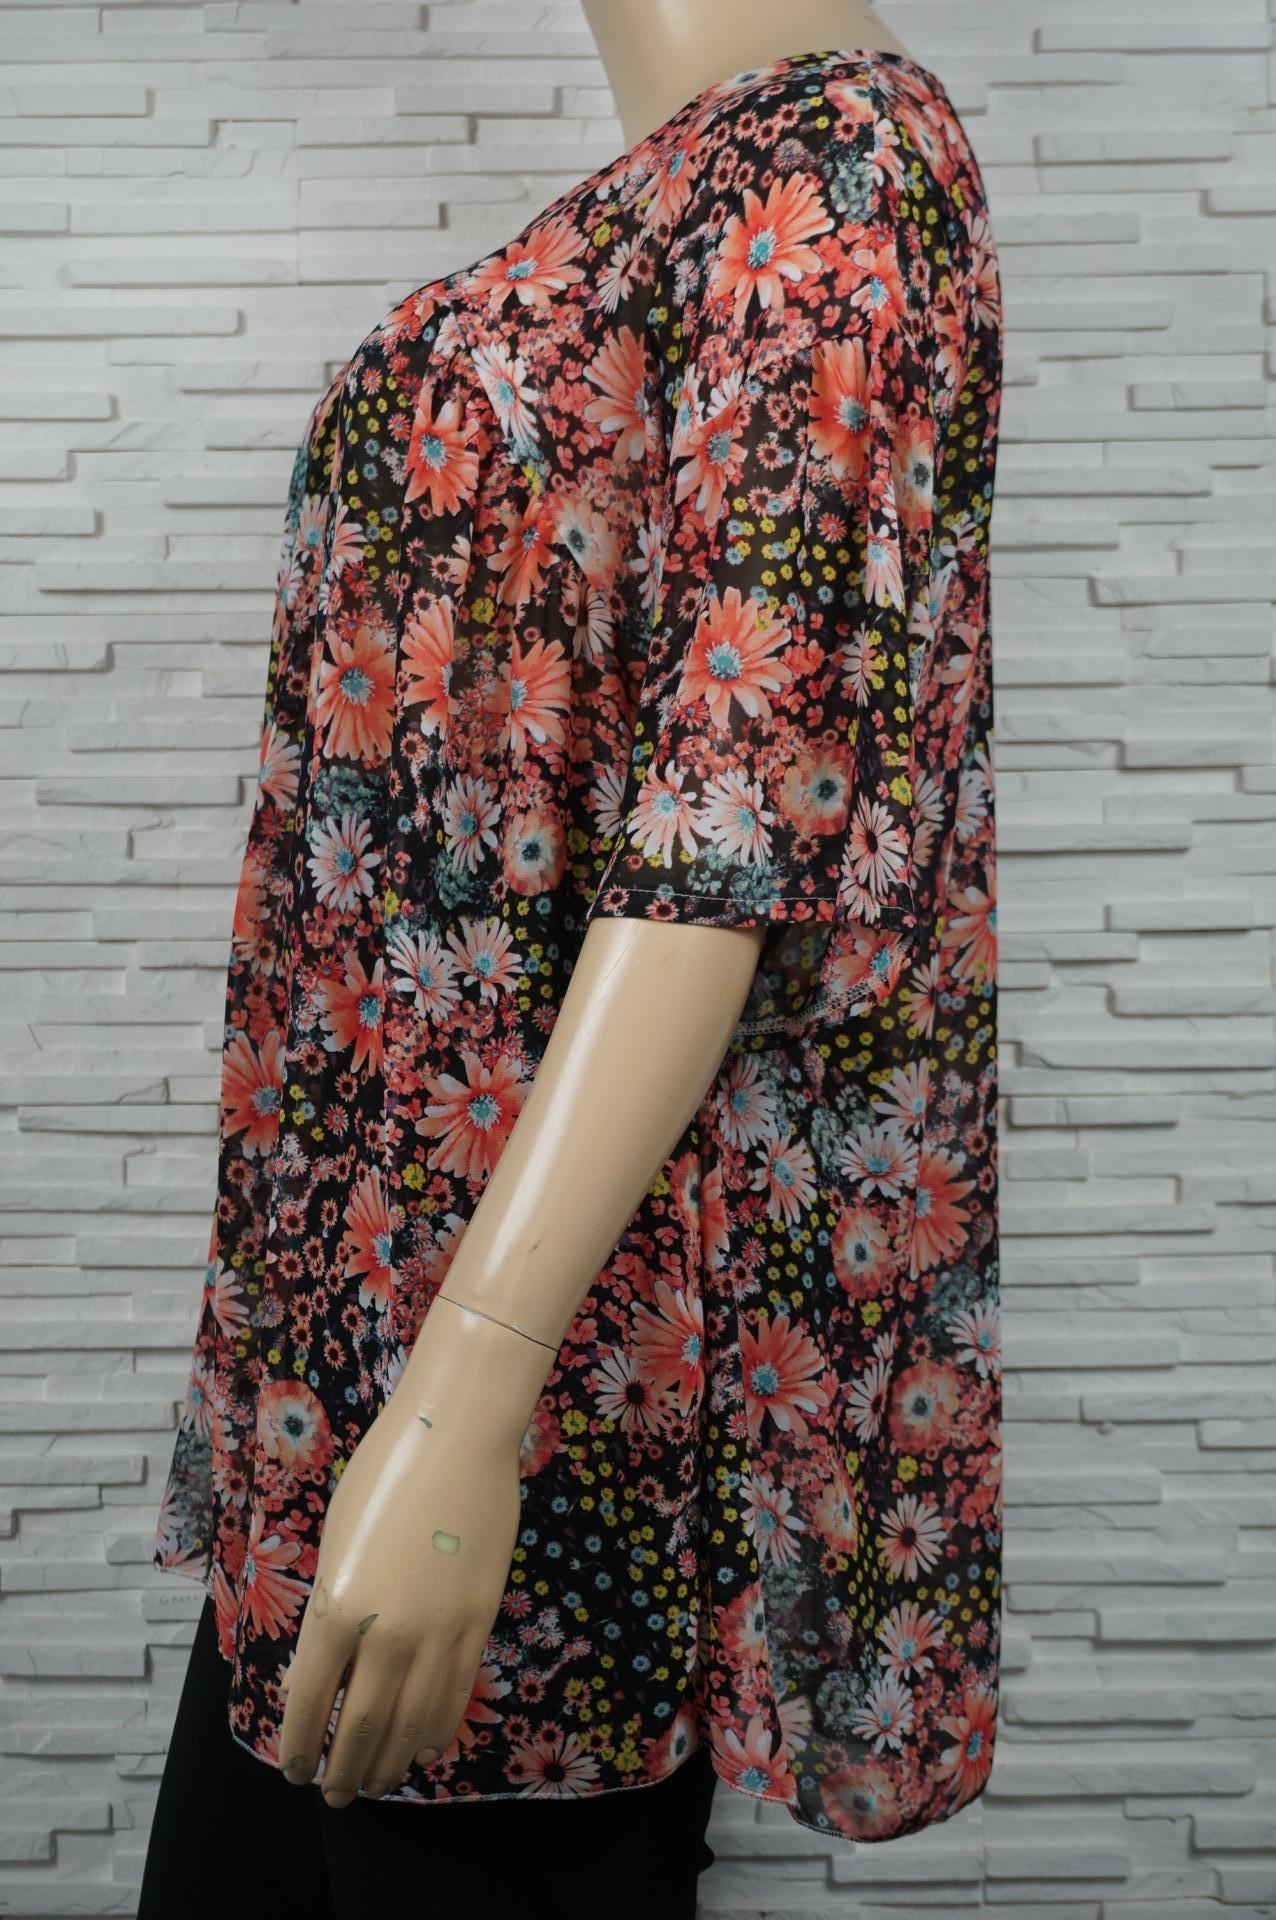 Robe bohême voile imprimé floral.